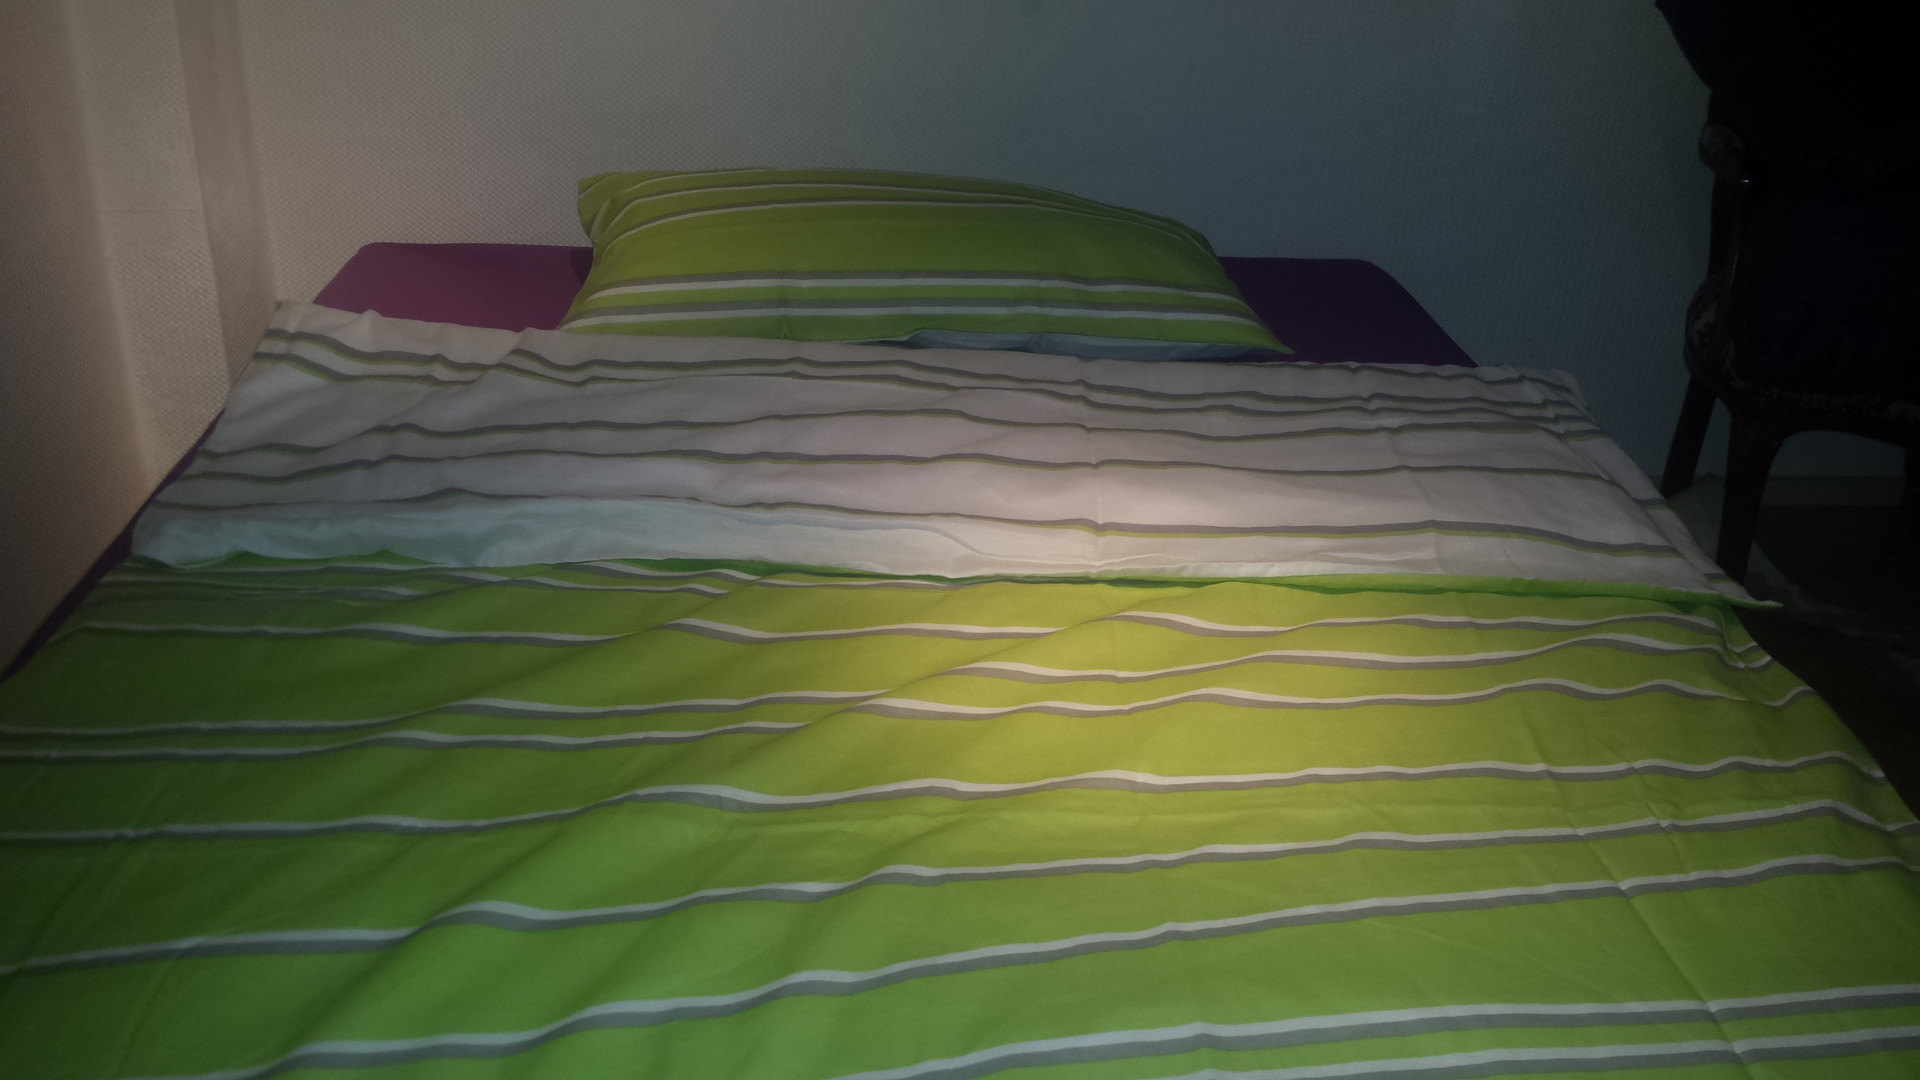 Schlafzimmer Köln köln ehrenfeld schlafzimmer zimmer zu vermieten köln